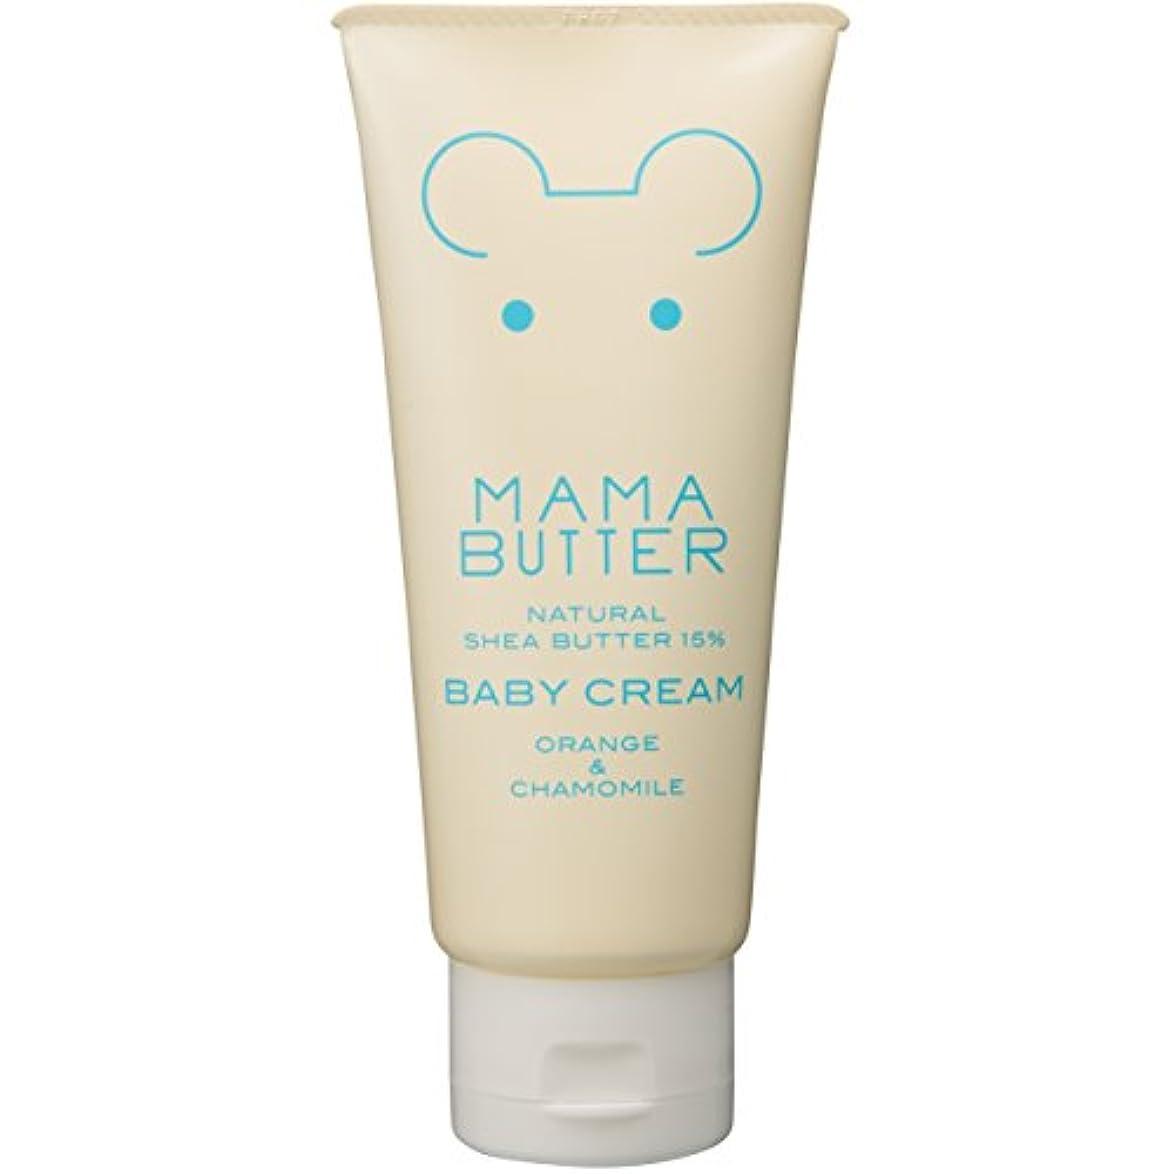 懐予防接種する良心ママバター ベビークリーム 天然 オレンジ&カモミールの香り 130g